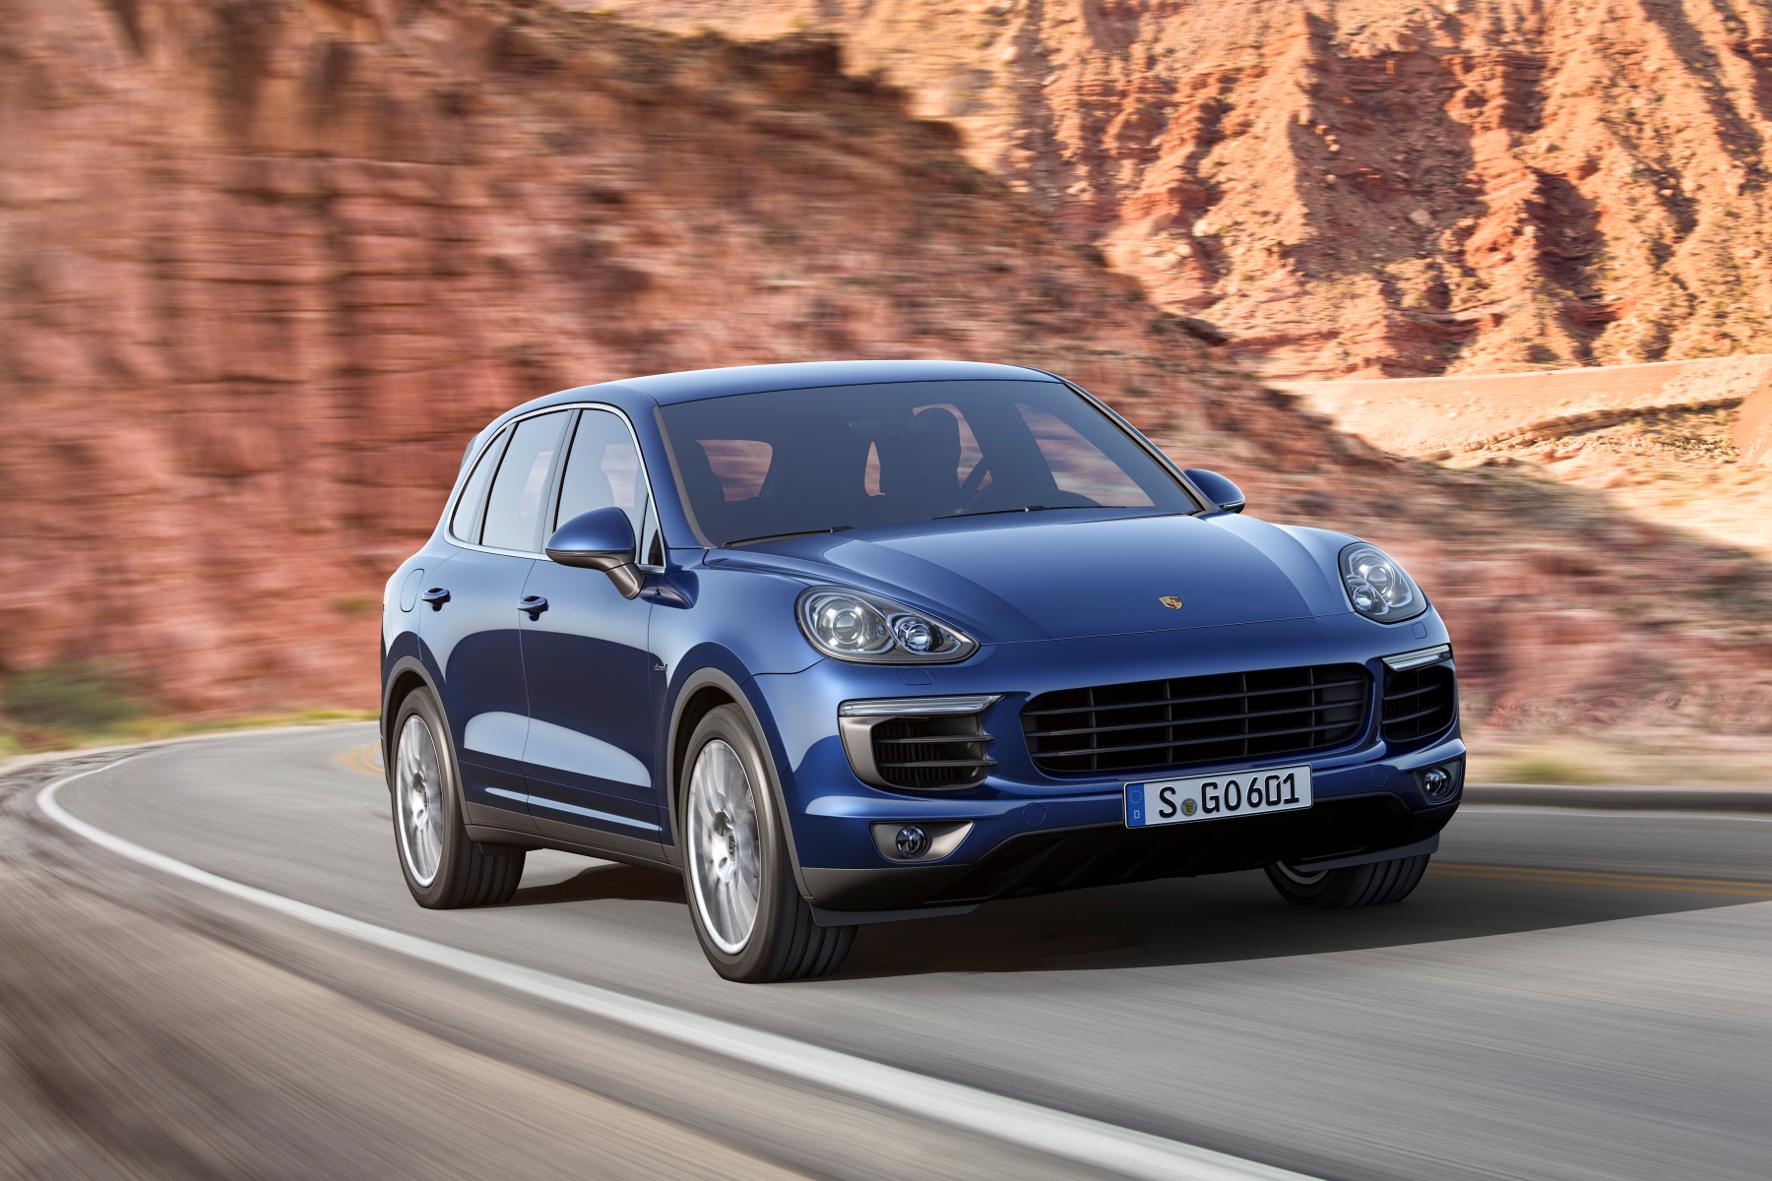 Porsche Cayenne S Diesel 4.2 V8: Luxus und Kraft gepaart mit Effizienz